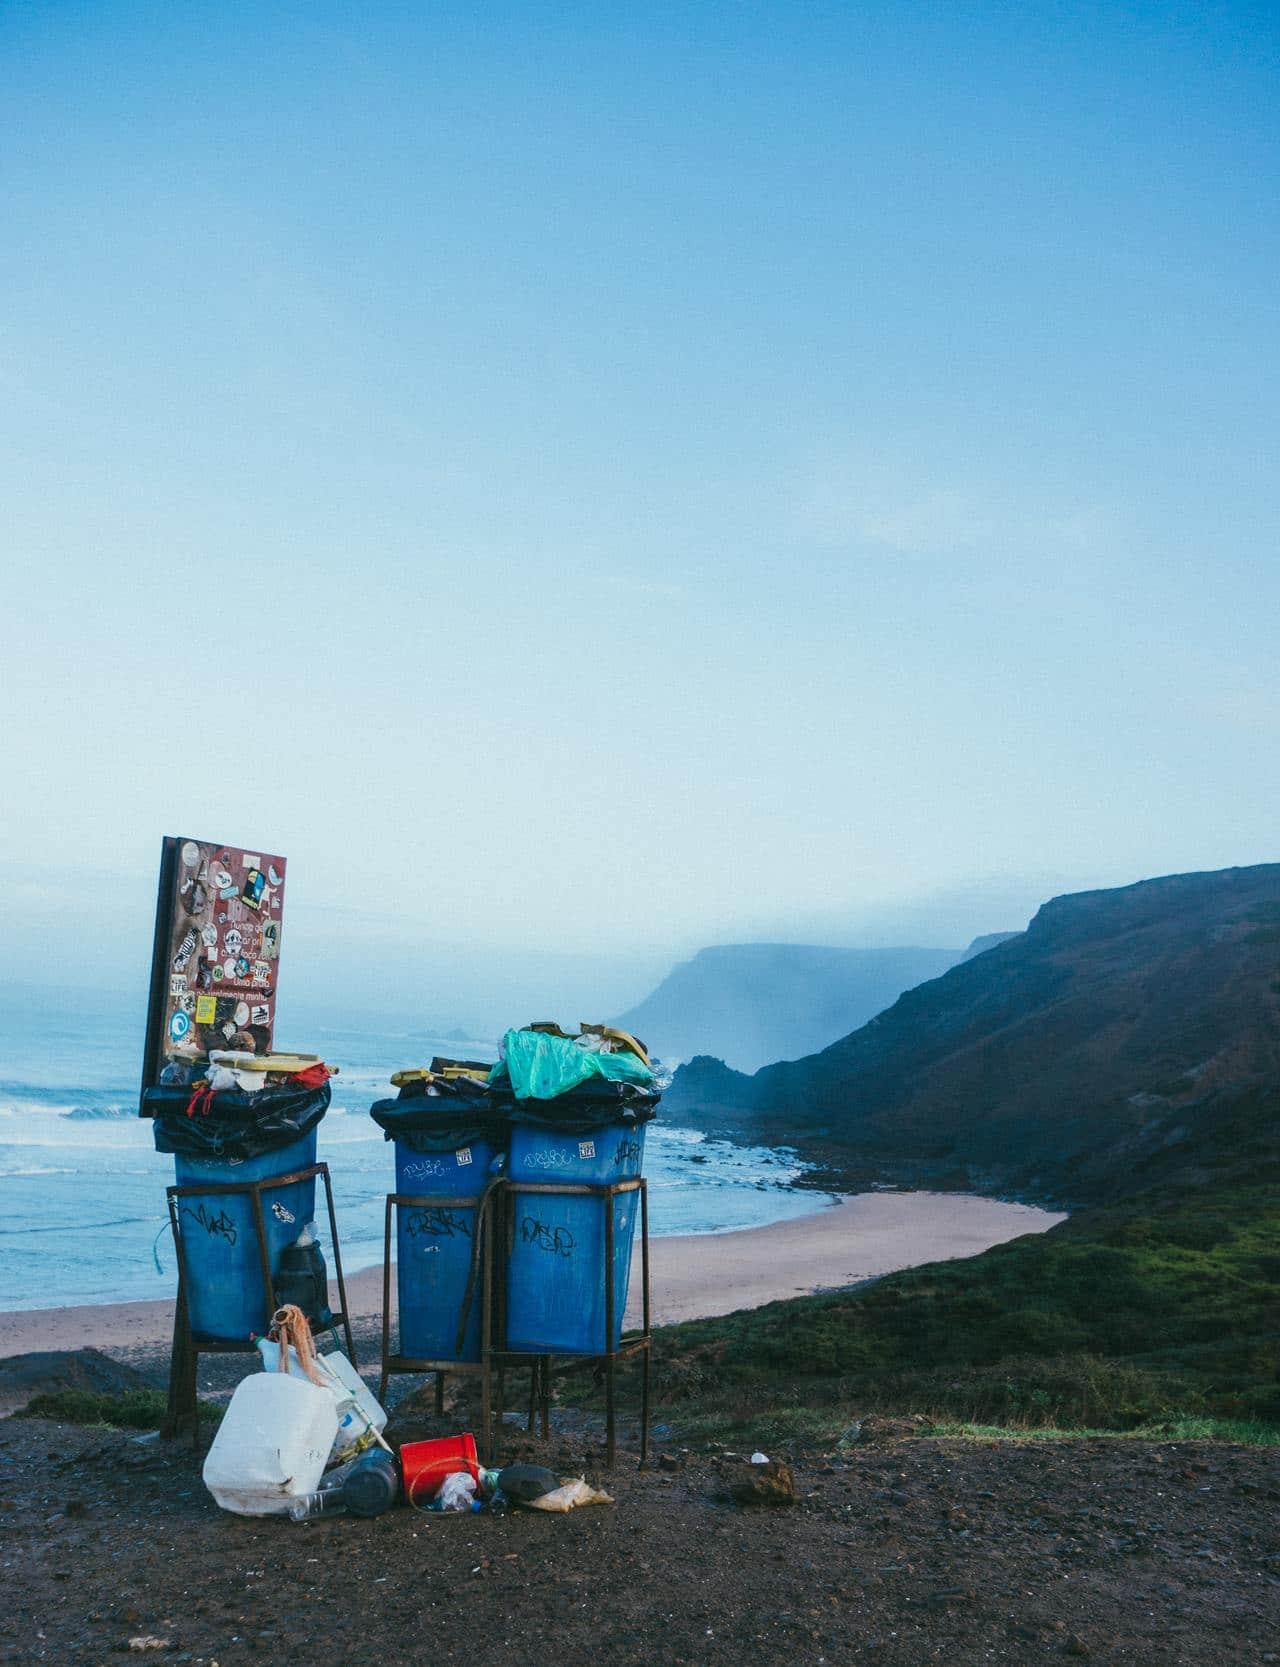 Контейнеры для мусора на побережье.